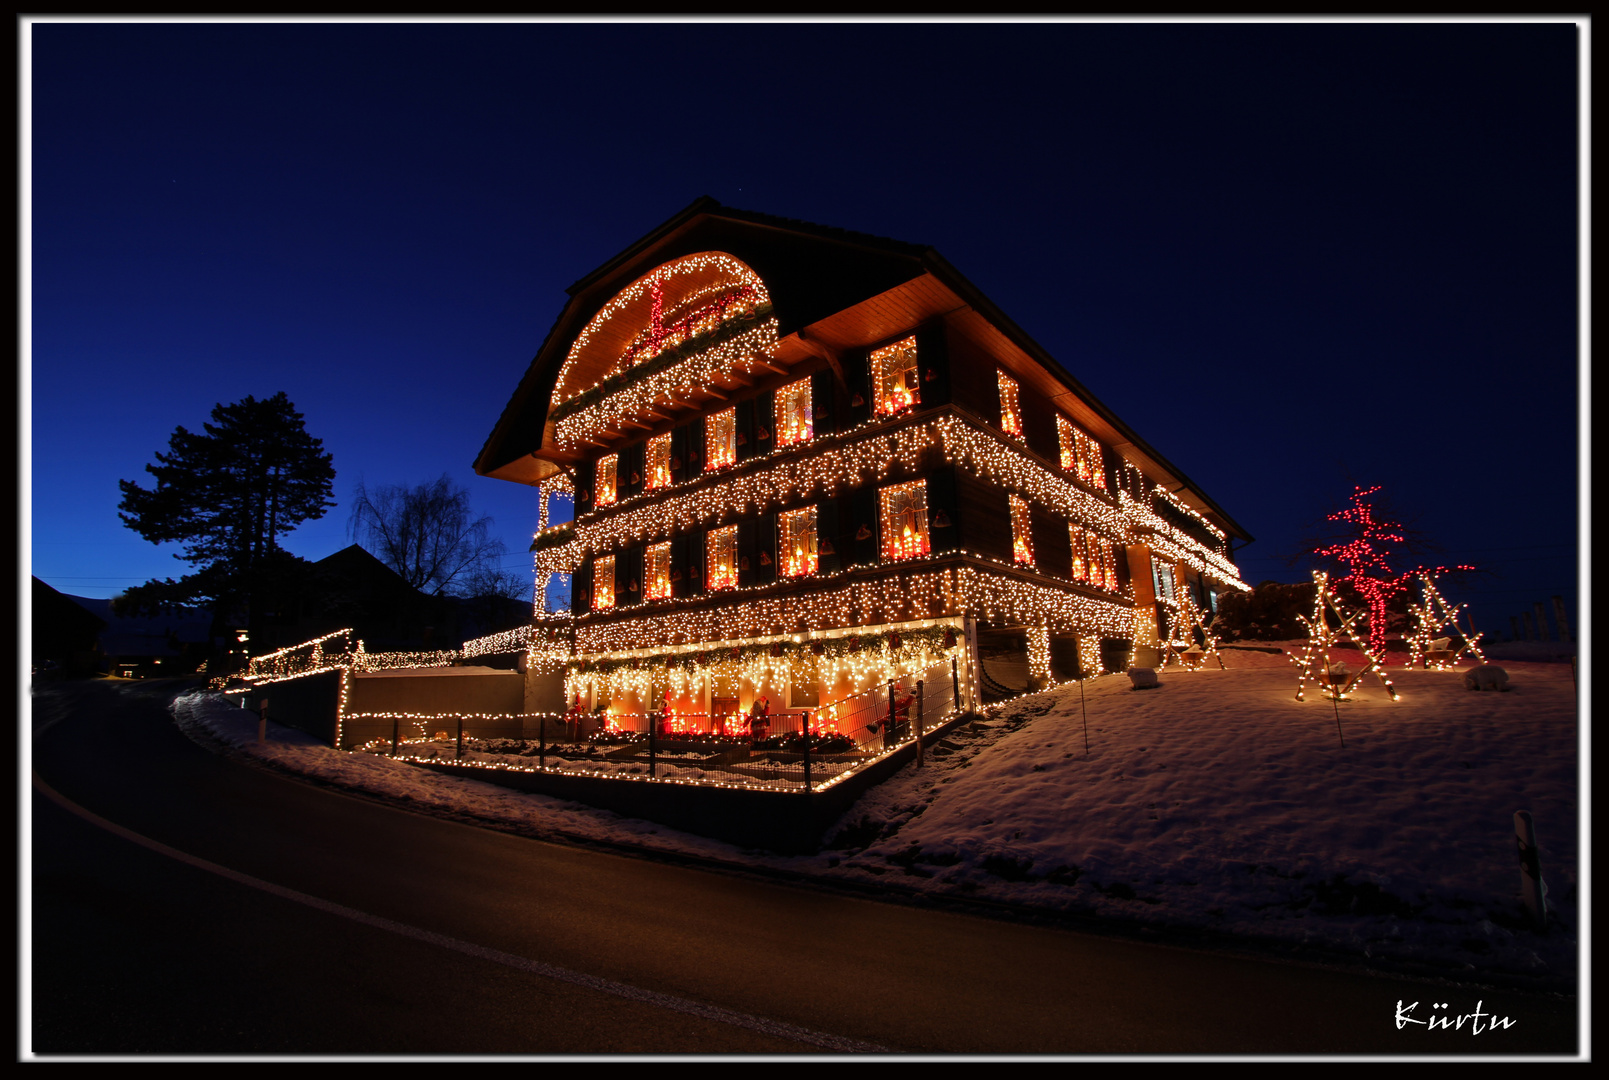 weihnachtsbeleuchtung foto bild karten und kalender weihnachtskarten thun bilder auf. Black Bedroom Furniture Sets. Home Design Ideas